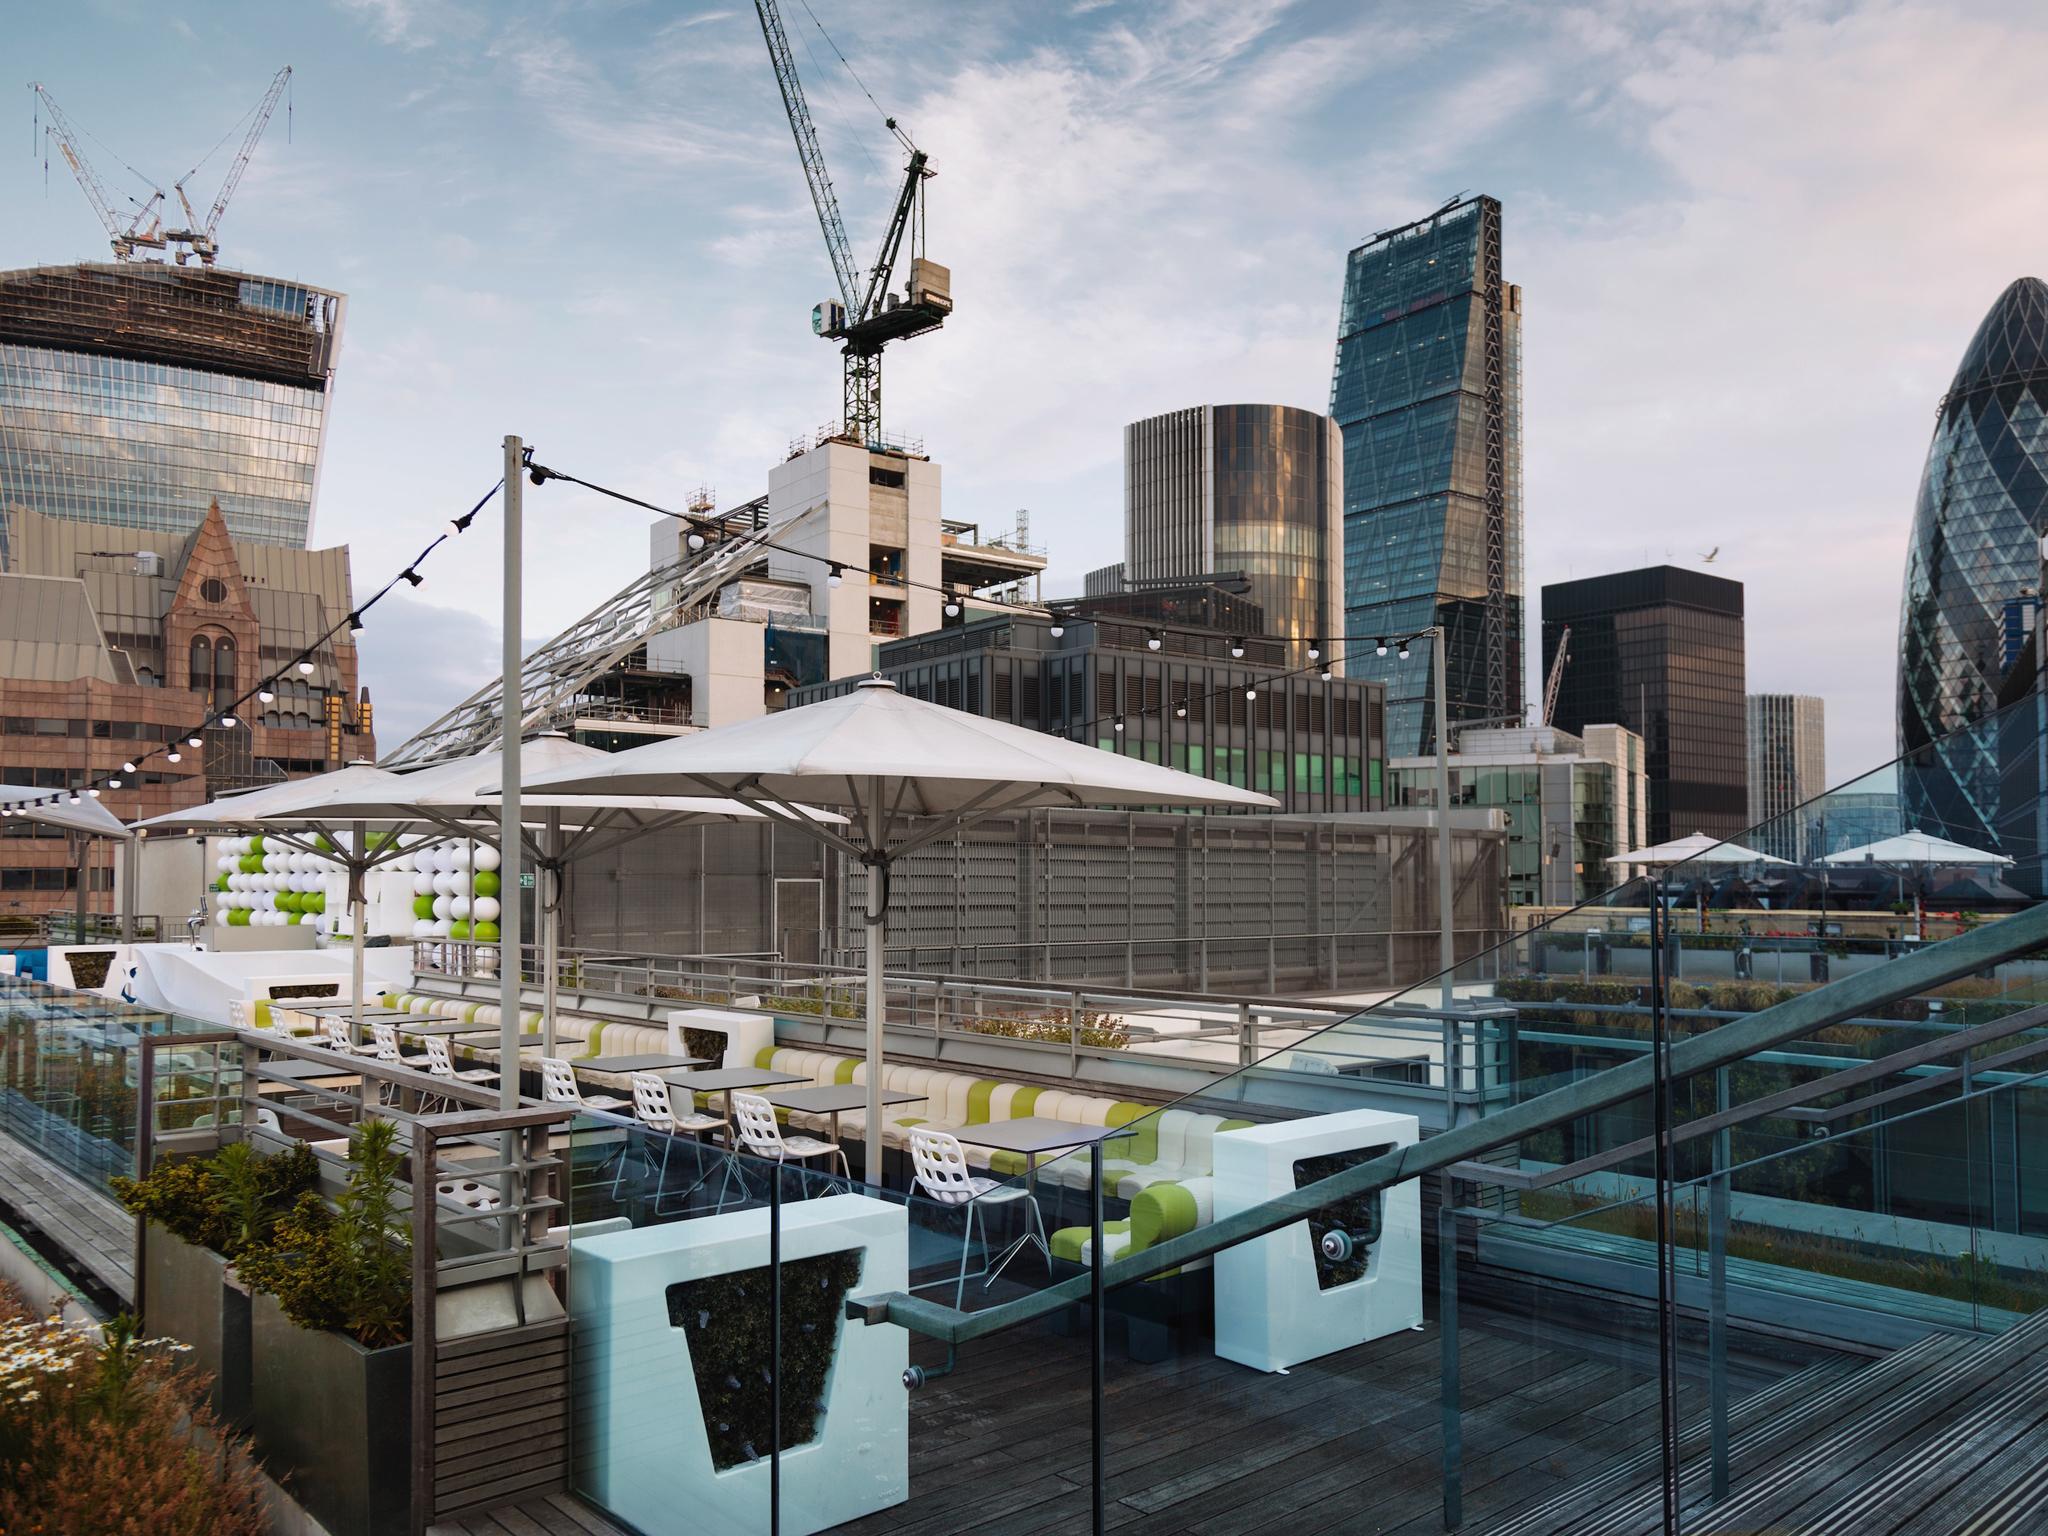 London's best rooftop restaurants